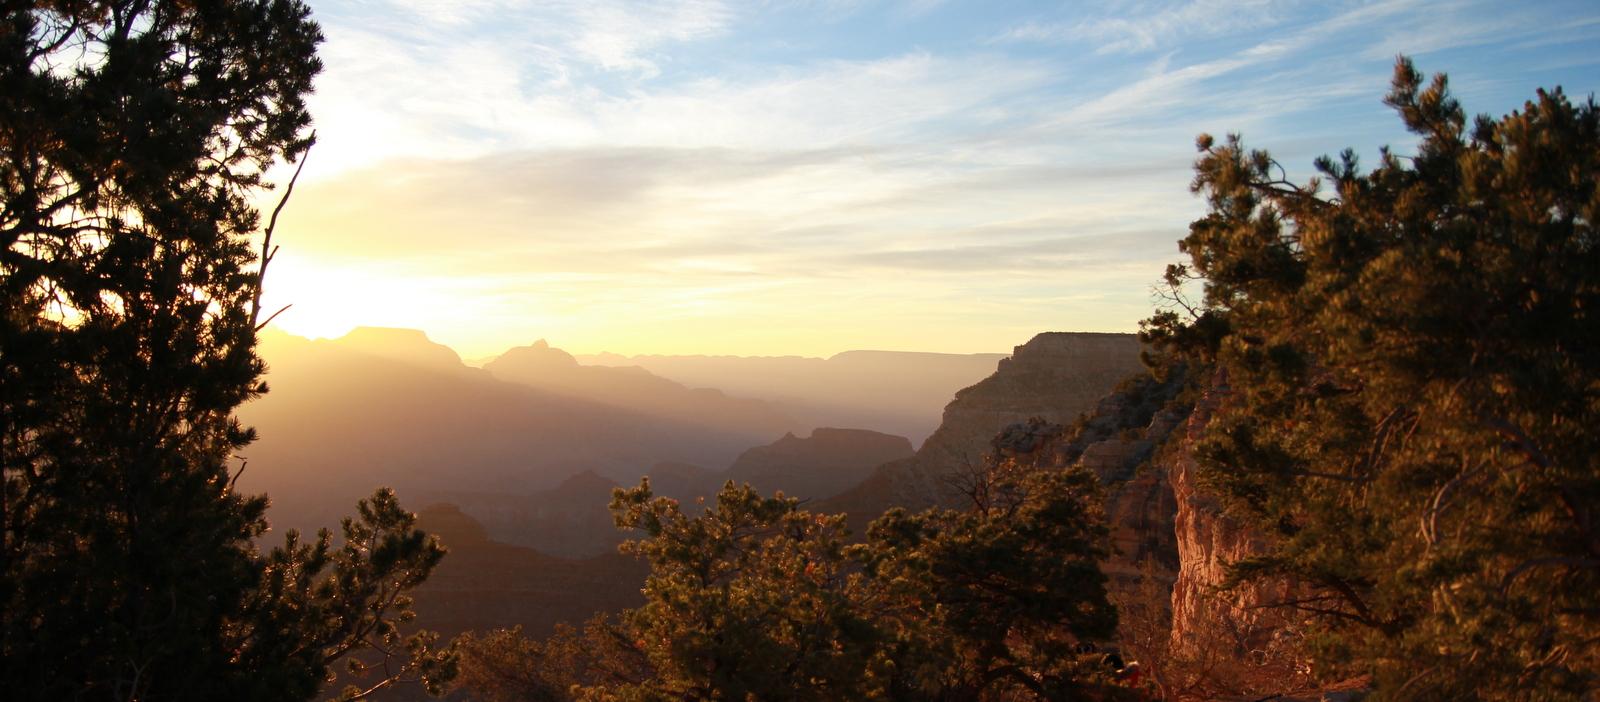 Camping at the Grand Canyon